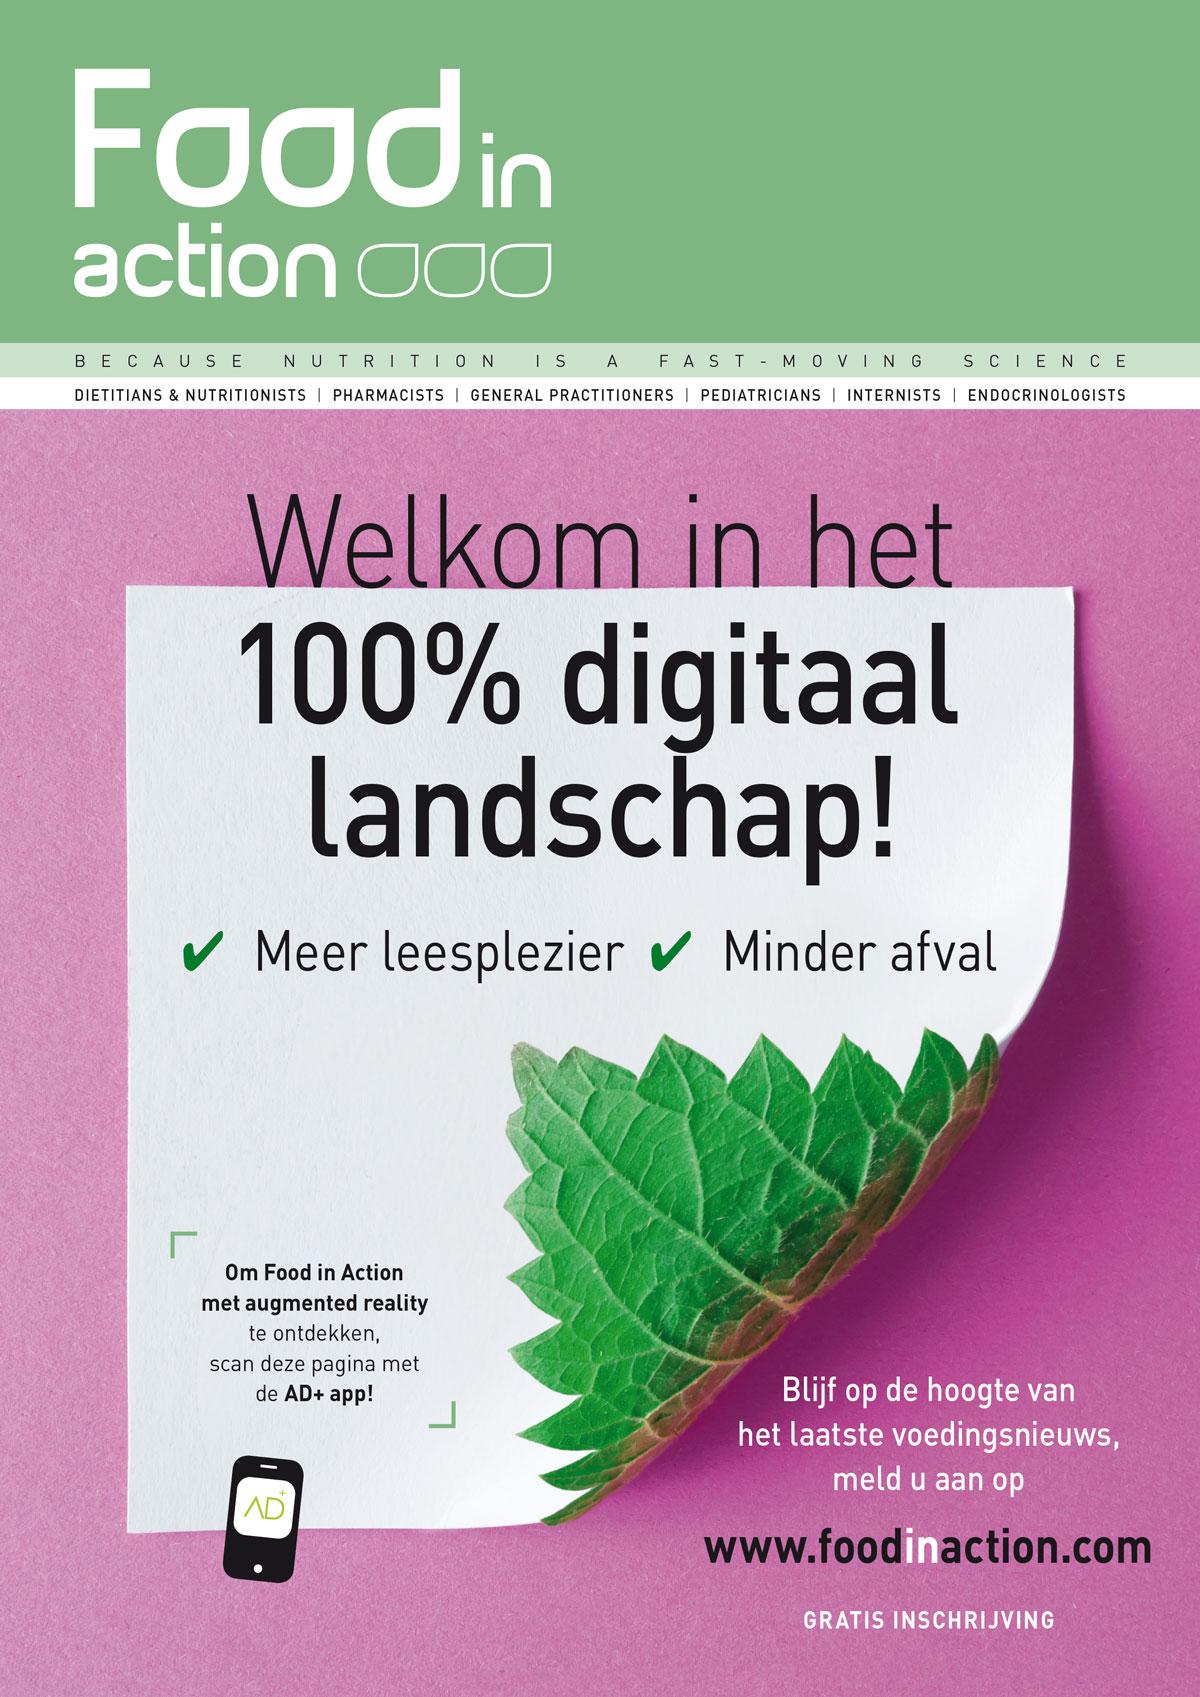 leave-behing-welkkom-digitaal